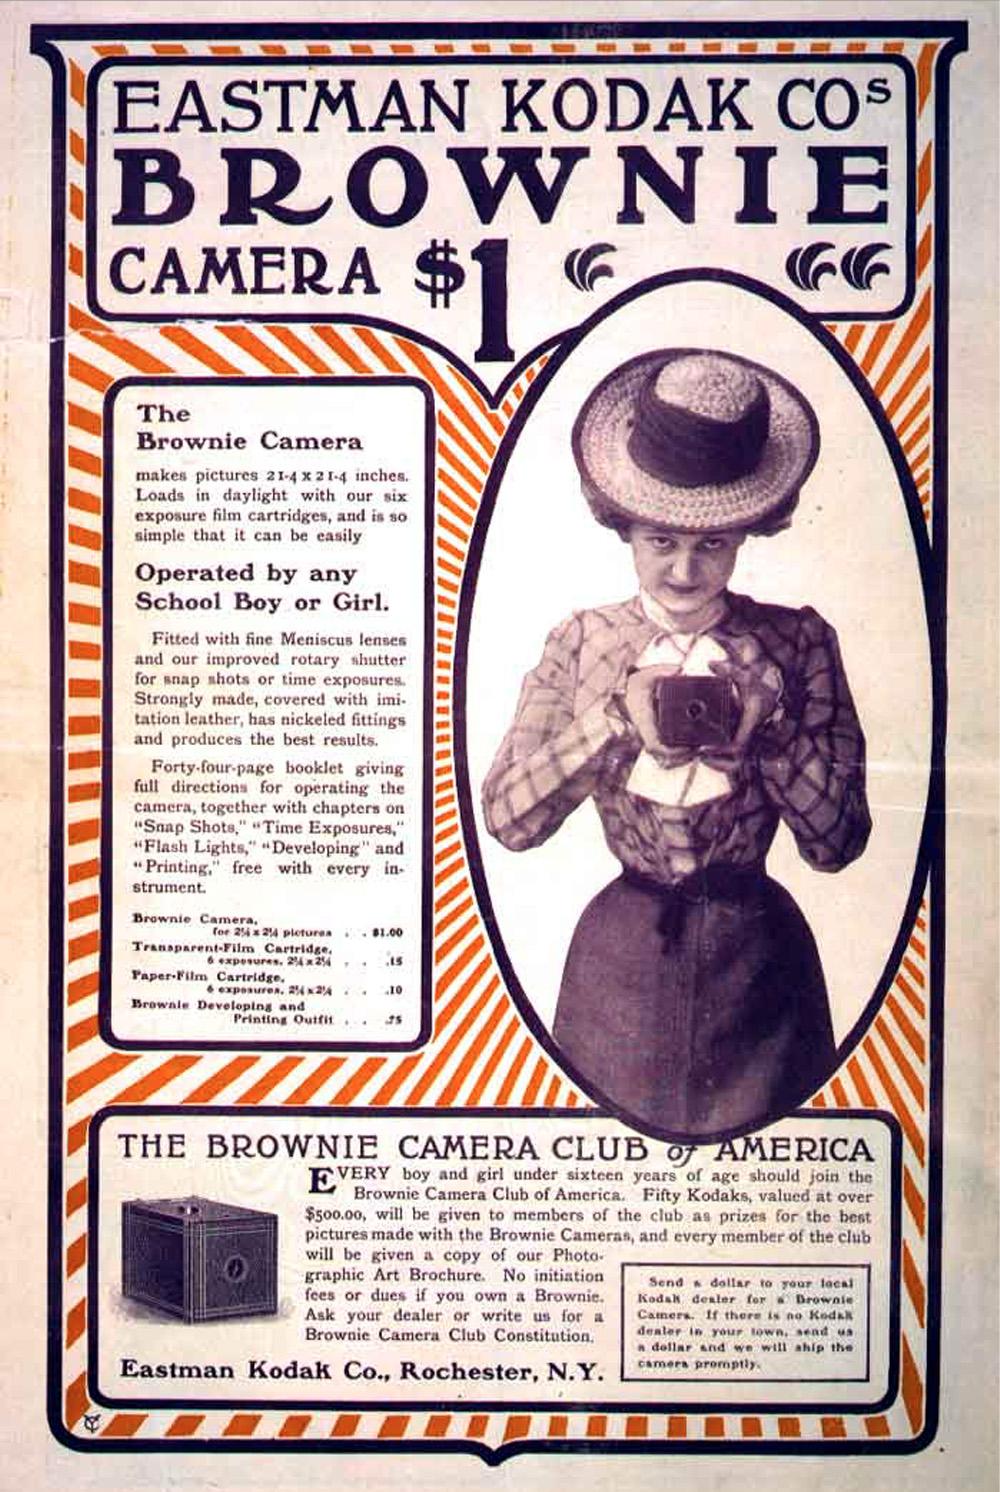 Early Eastman Kodak Advertisement from 1900